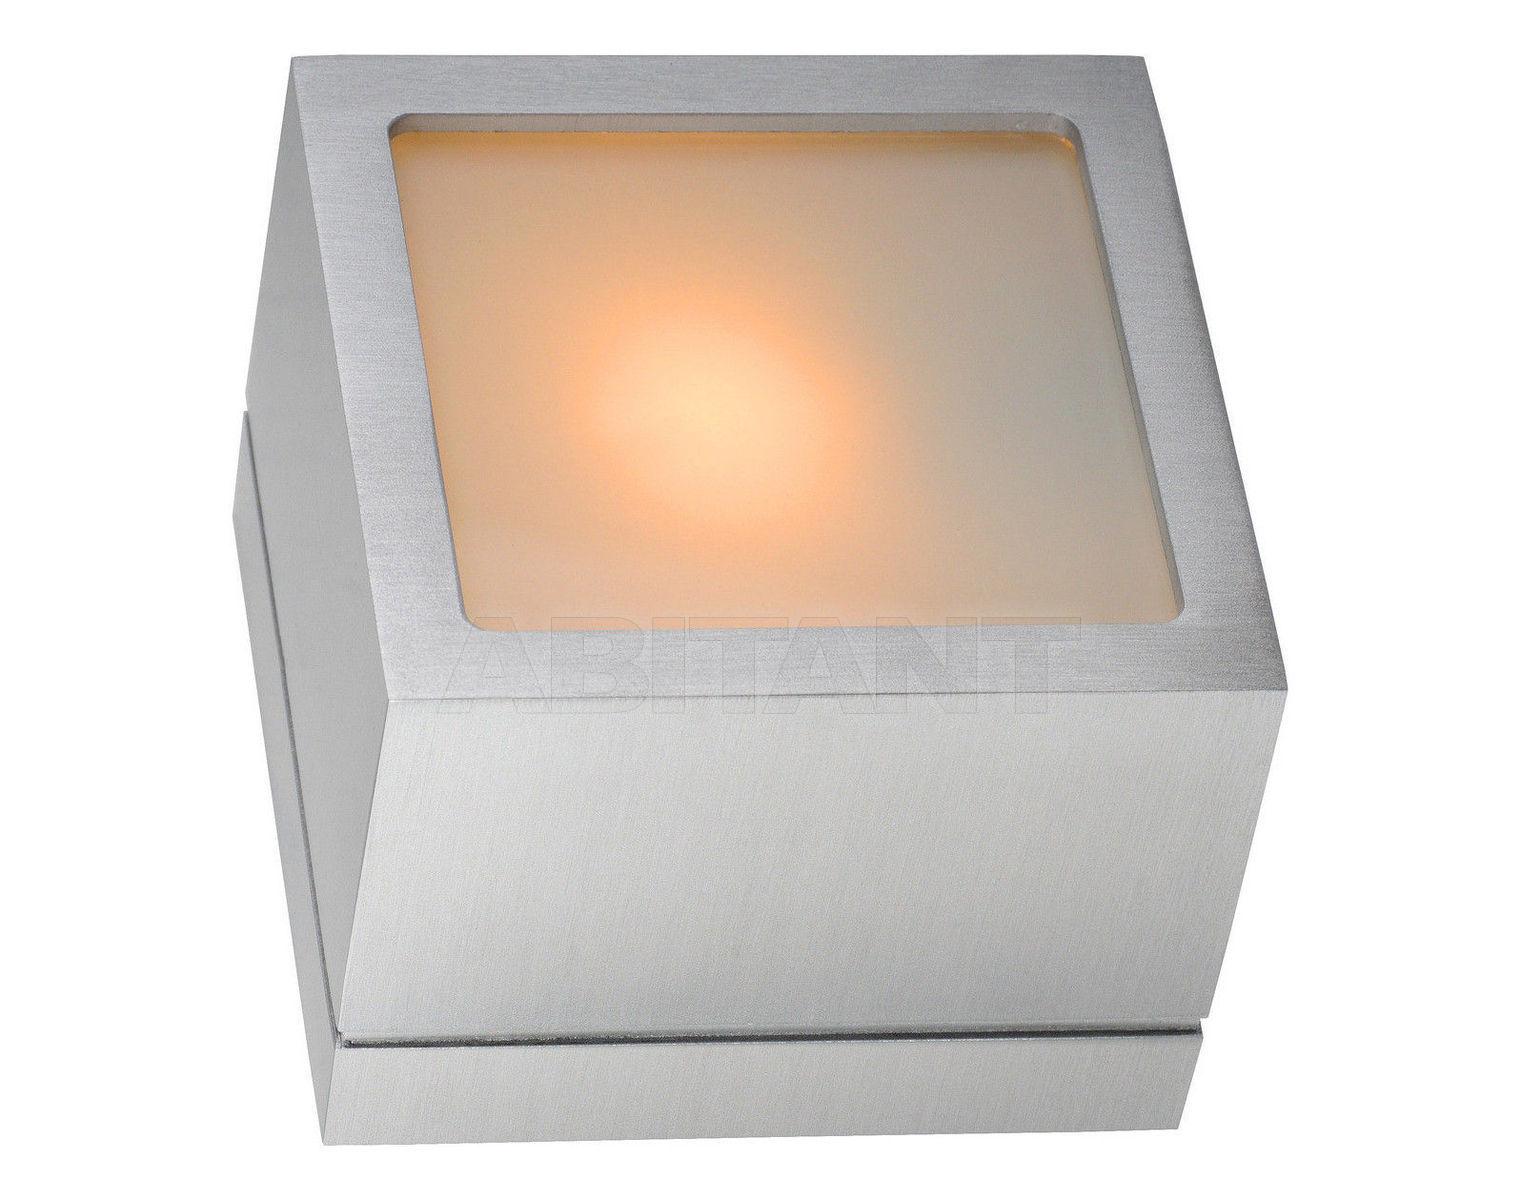 Купить Светильник точечный DAS Lucide  Bathroom 10208/21/12